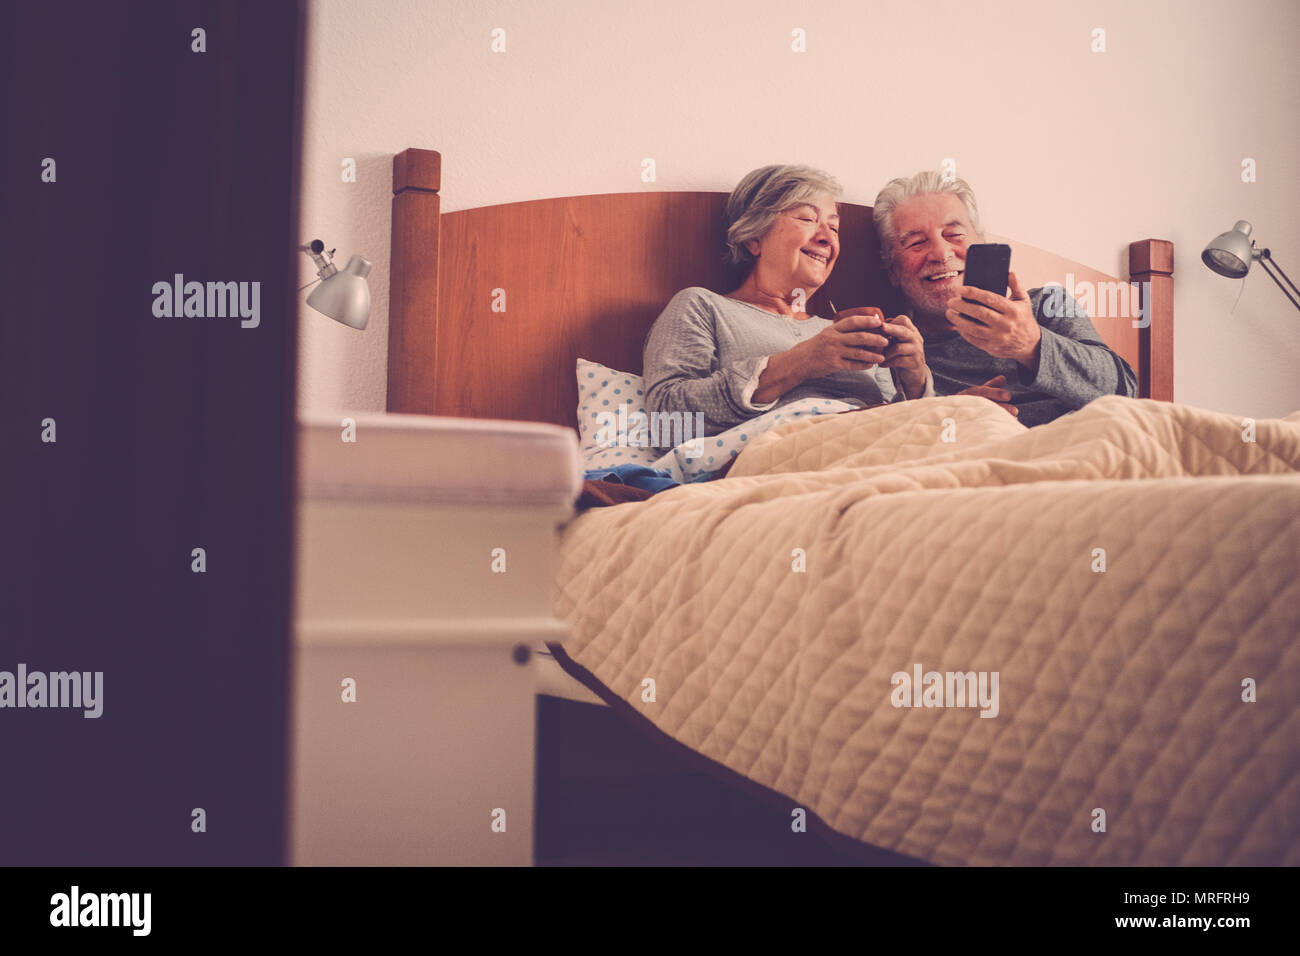 Beaux modèles nice couple d'adulte Âge 70 ans s'amusant et profiter au lit à la maison dans la chambre. matin paresseux service sans contrôle de pointe e Photo Stock